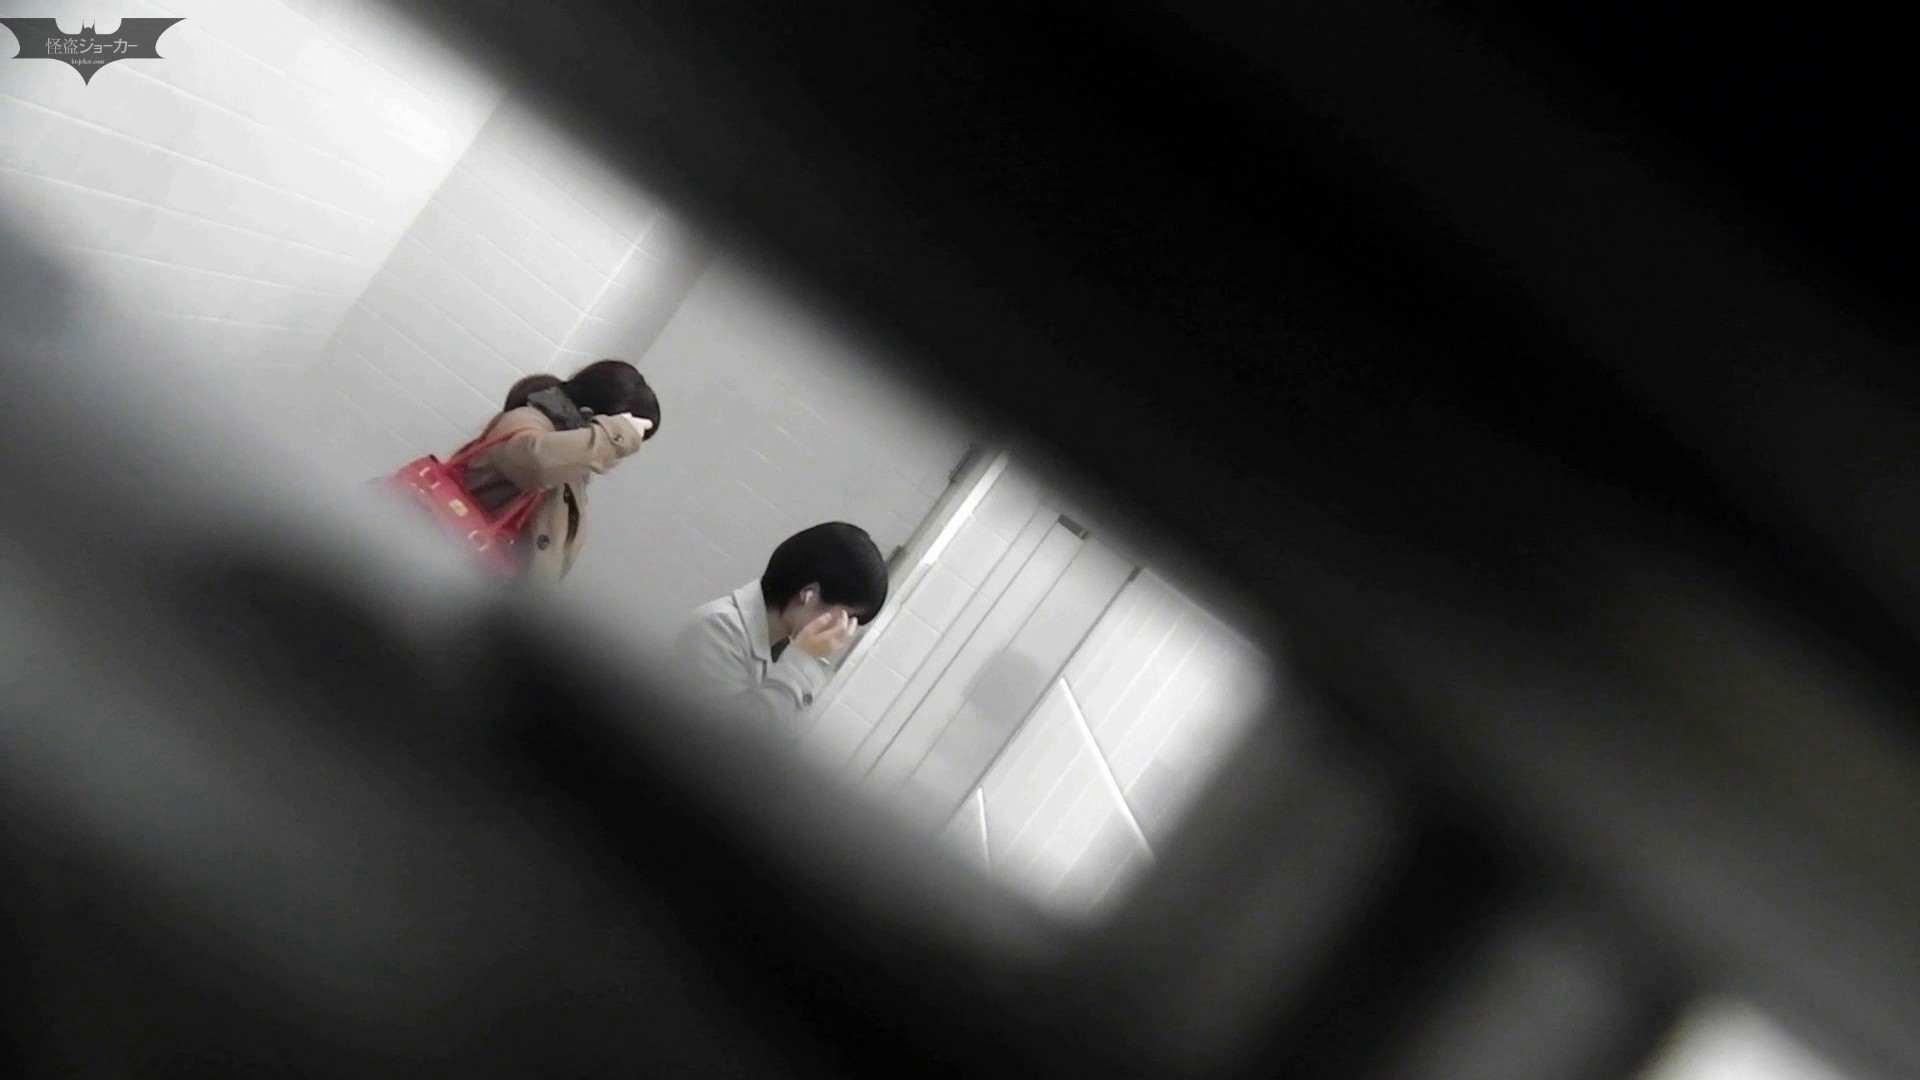 お銀さんの「洗面所突入レポート!!」 vol.53 冬到来!美女も到来! OLのボディ AV動画キャプチャ 91PIX 2